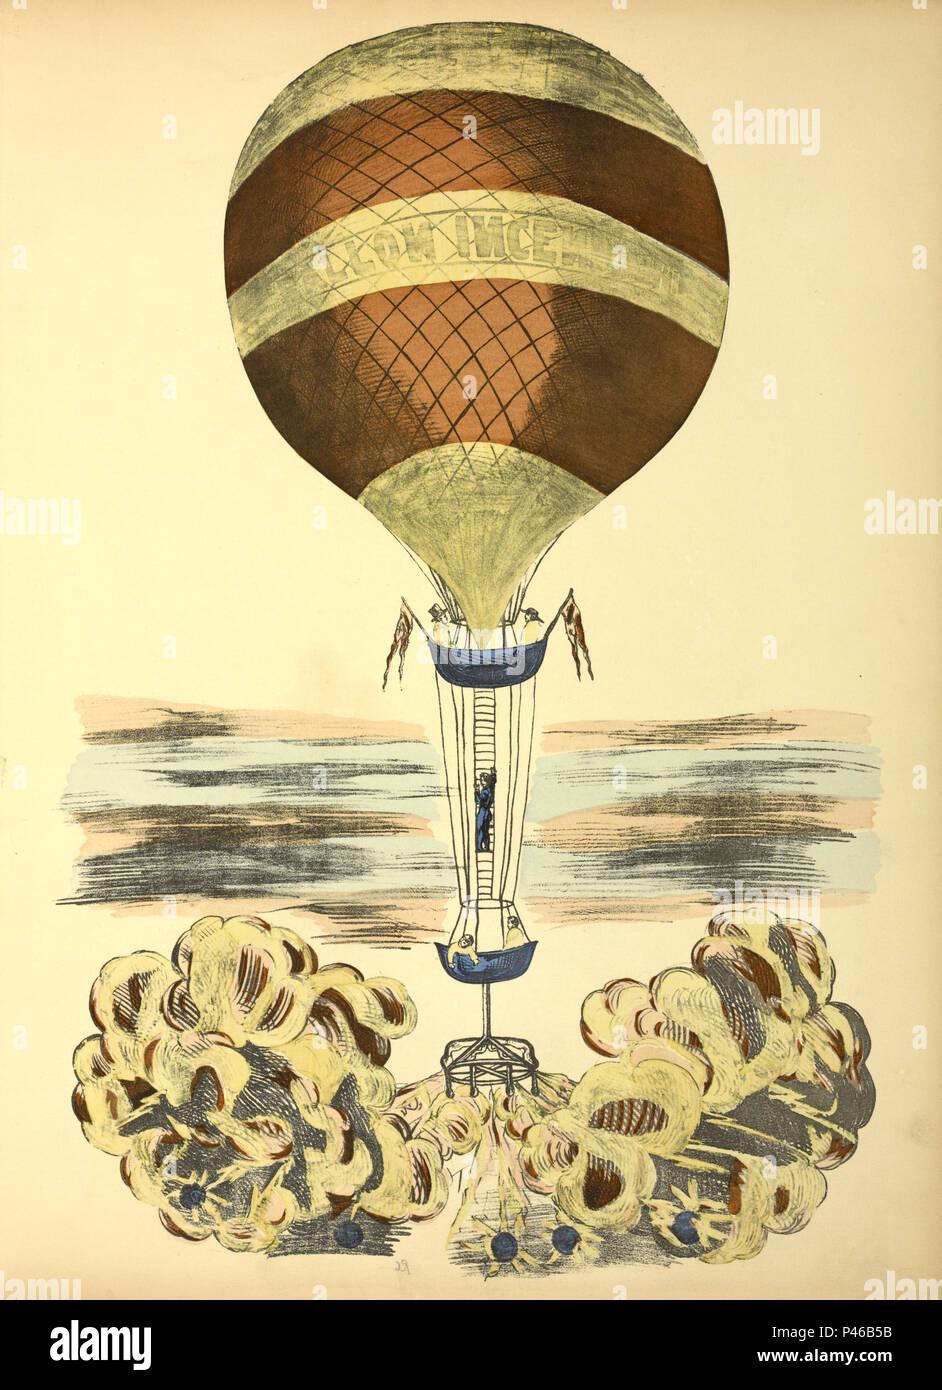 Vuelo en globo histórico Imagen De Stock